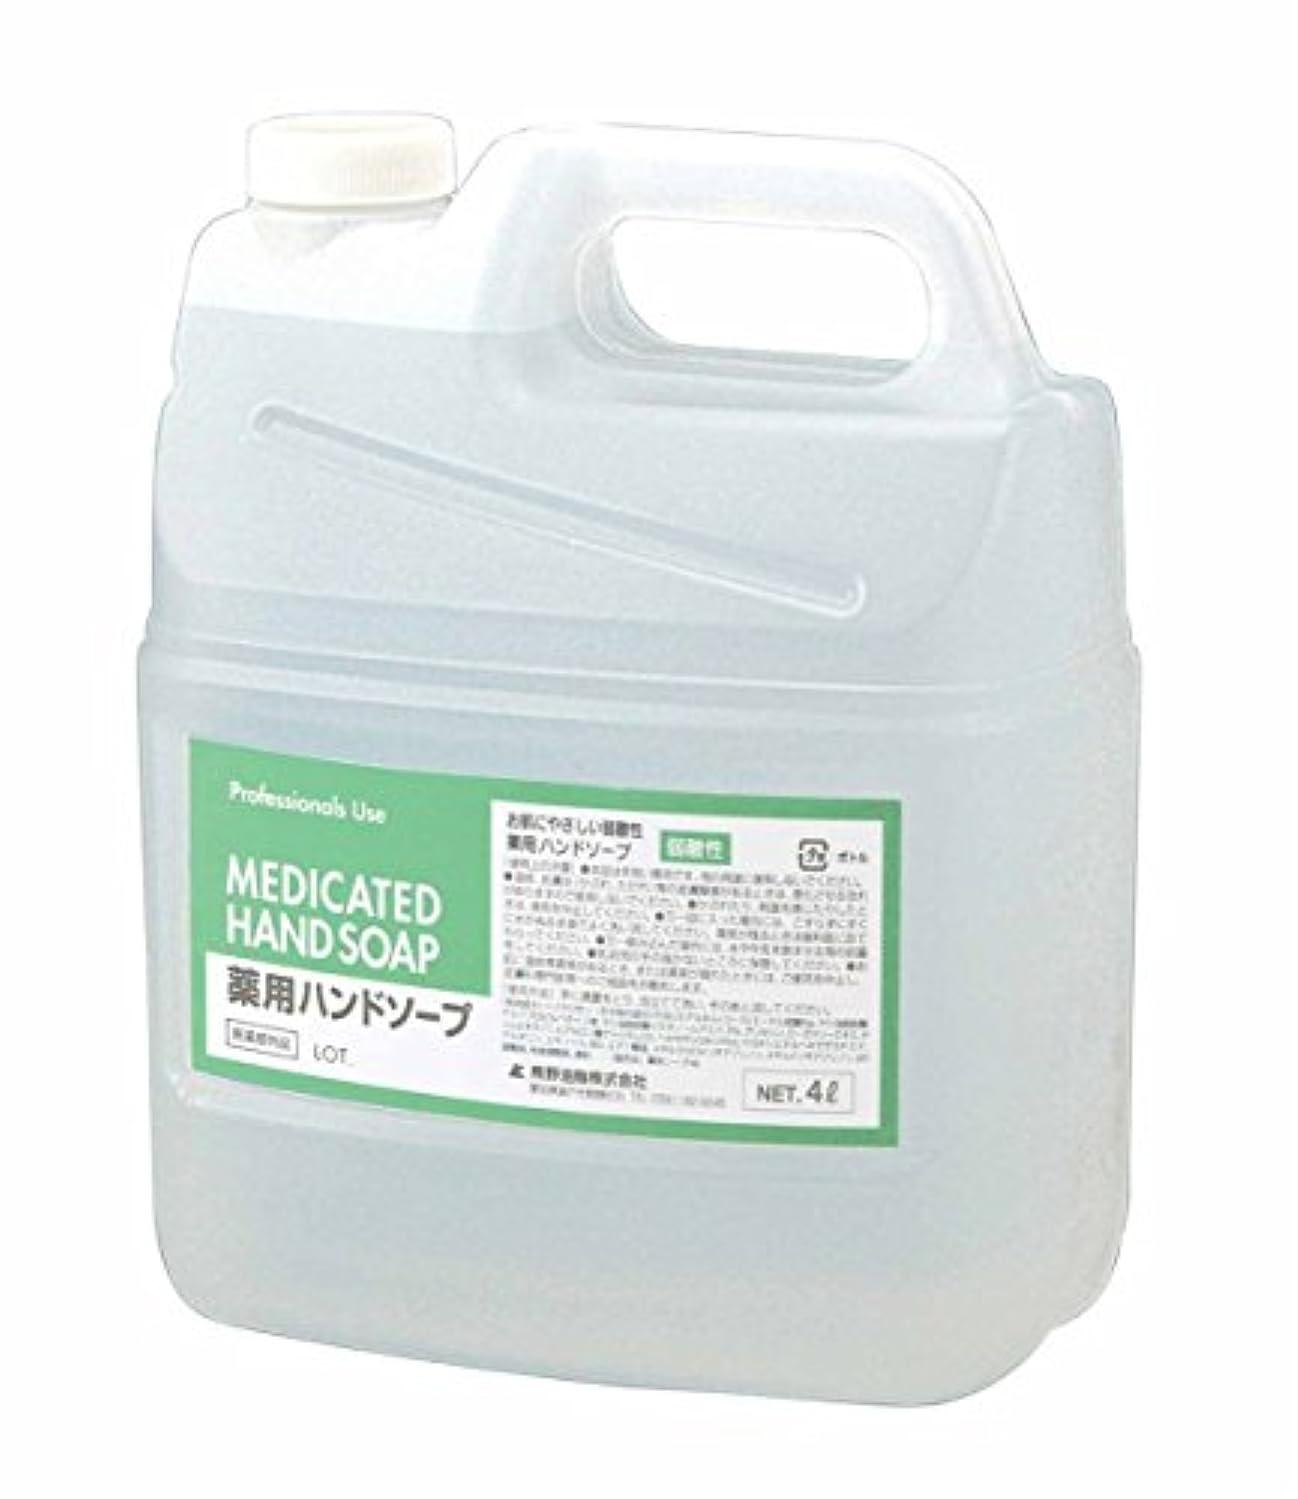 天過度の興奮ファーマアクト 弱酸性薬用ハンドソープ 4L